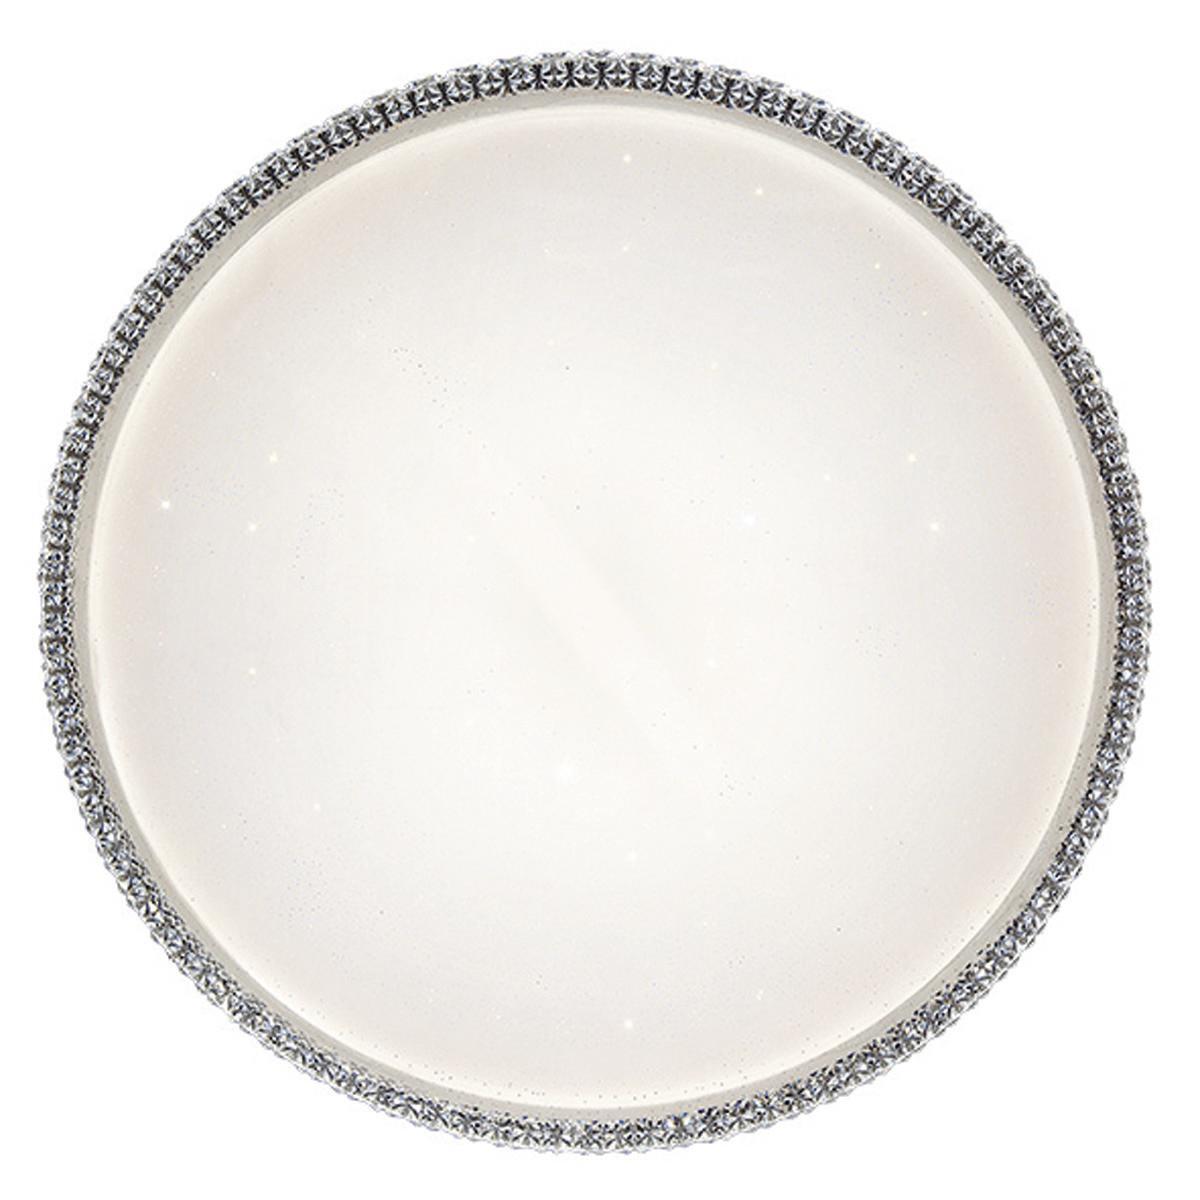 Plafoniera neoclassico Soledad LED integrato bianco D. 60 cm - 4